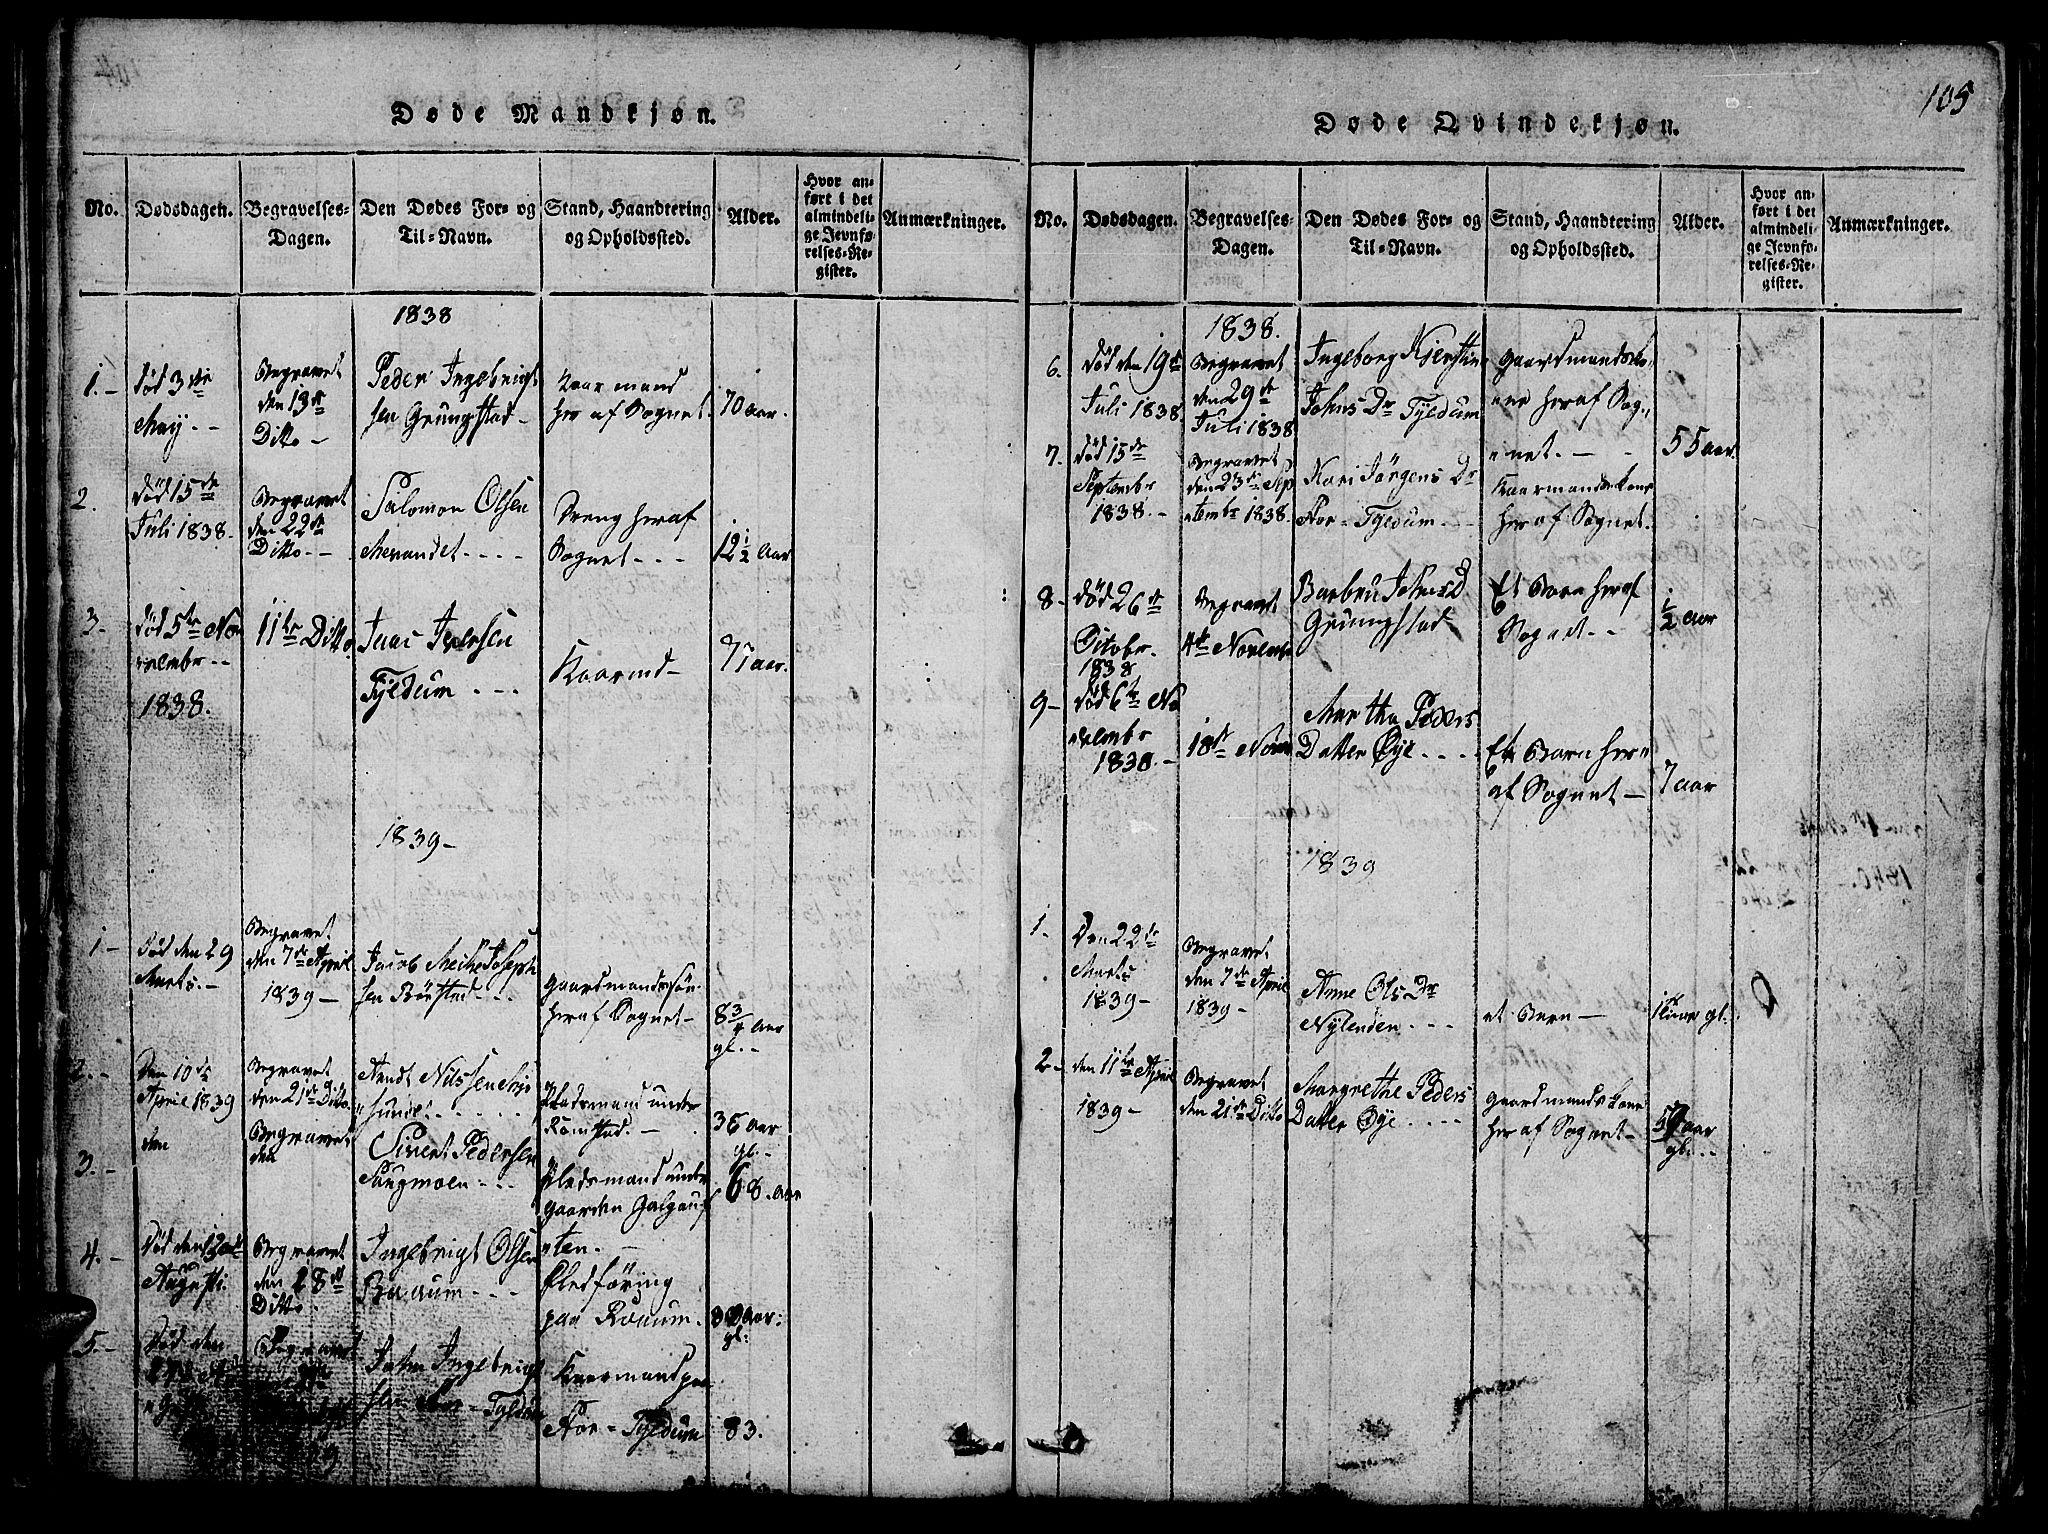 SAT, Ministerialprotokoller, klokkerbøker og fødselsregistre - Nord-Trøndelag, 765/L0562: Klokkerbok nr. 765C01, 1817-1851, s. 105